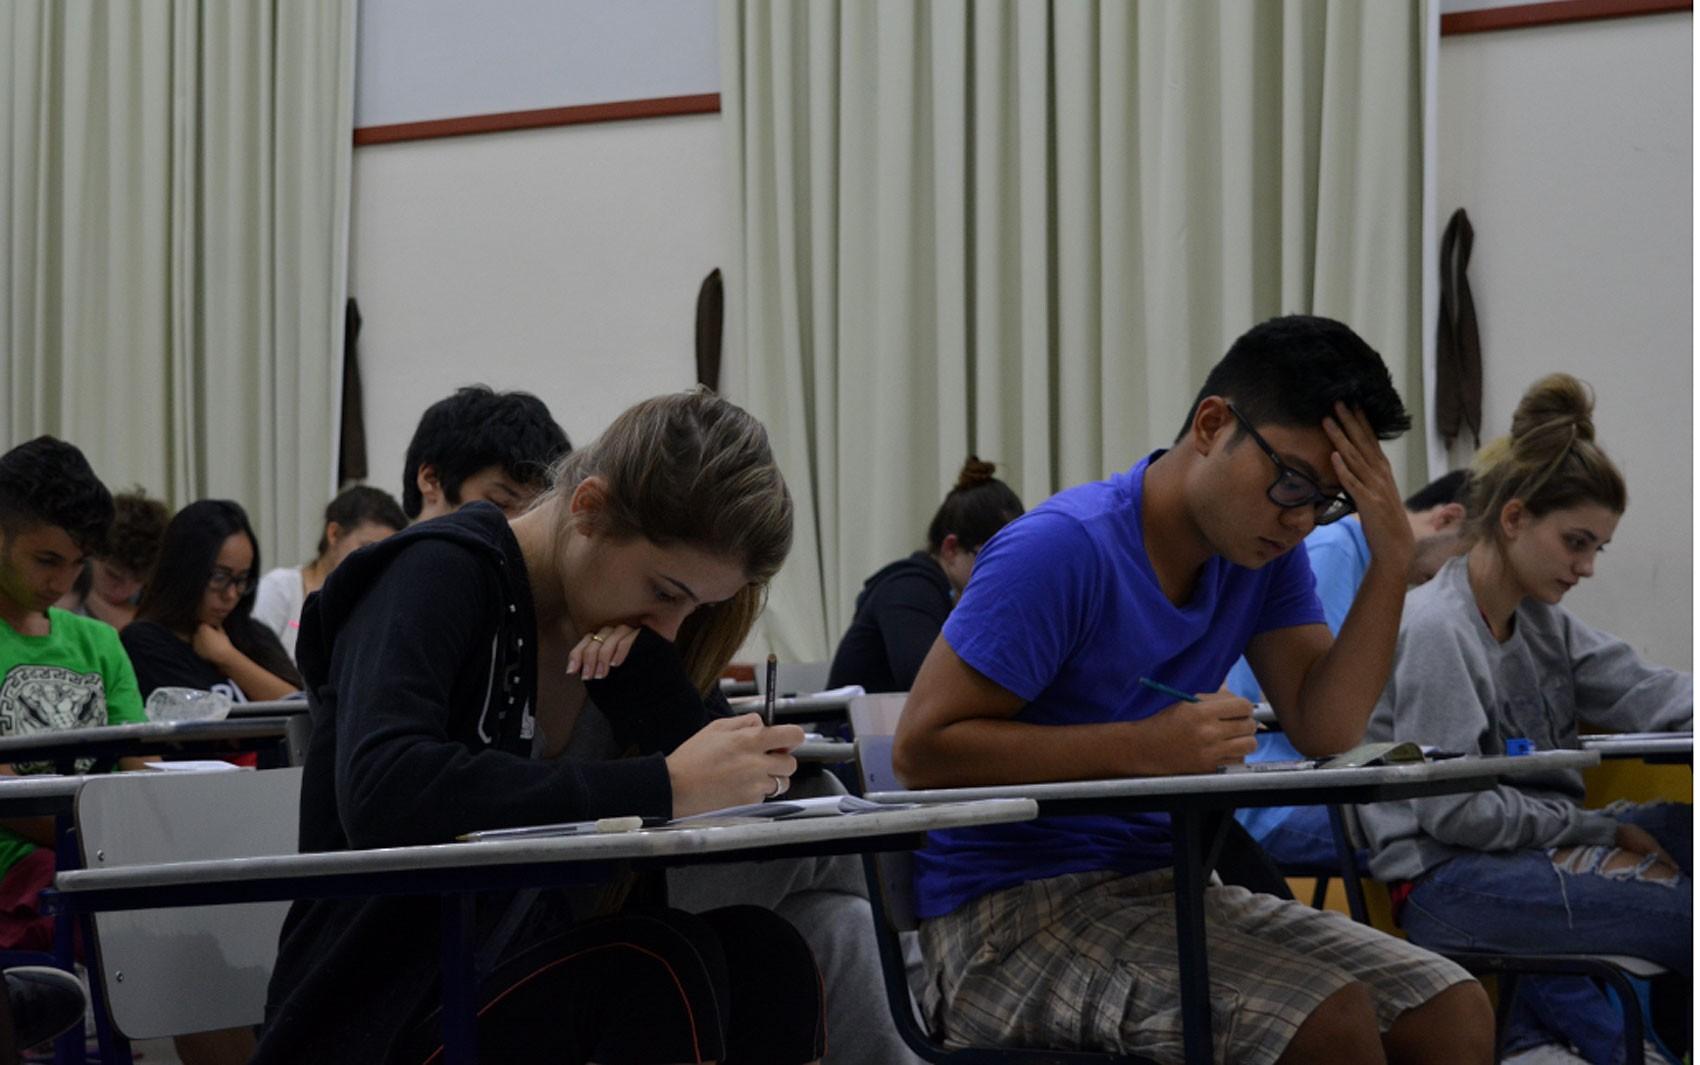 Sem crescimento significativo de vagas desde 2009, 1ª fase da Unicamp tem alta de 13,5% na concorrência